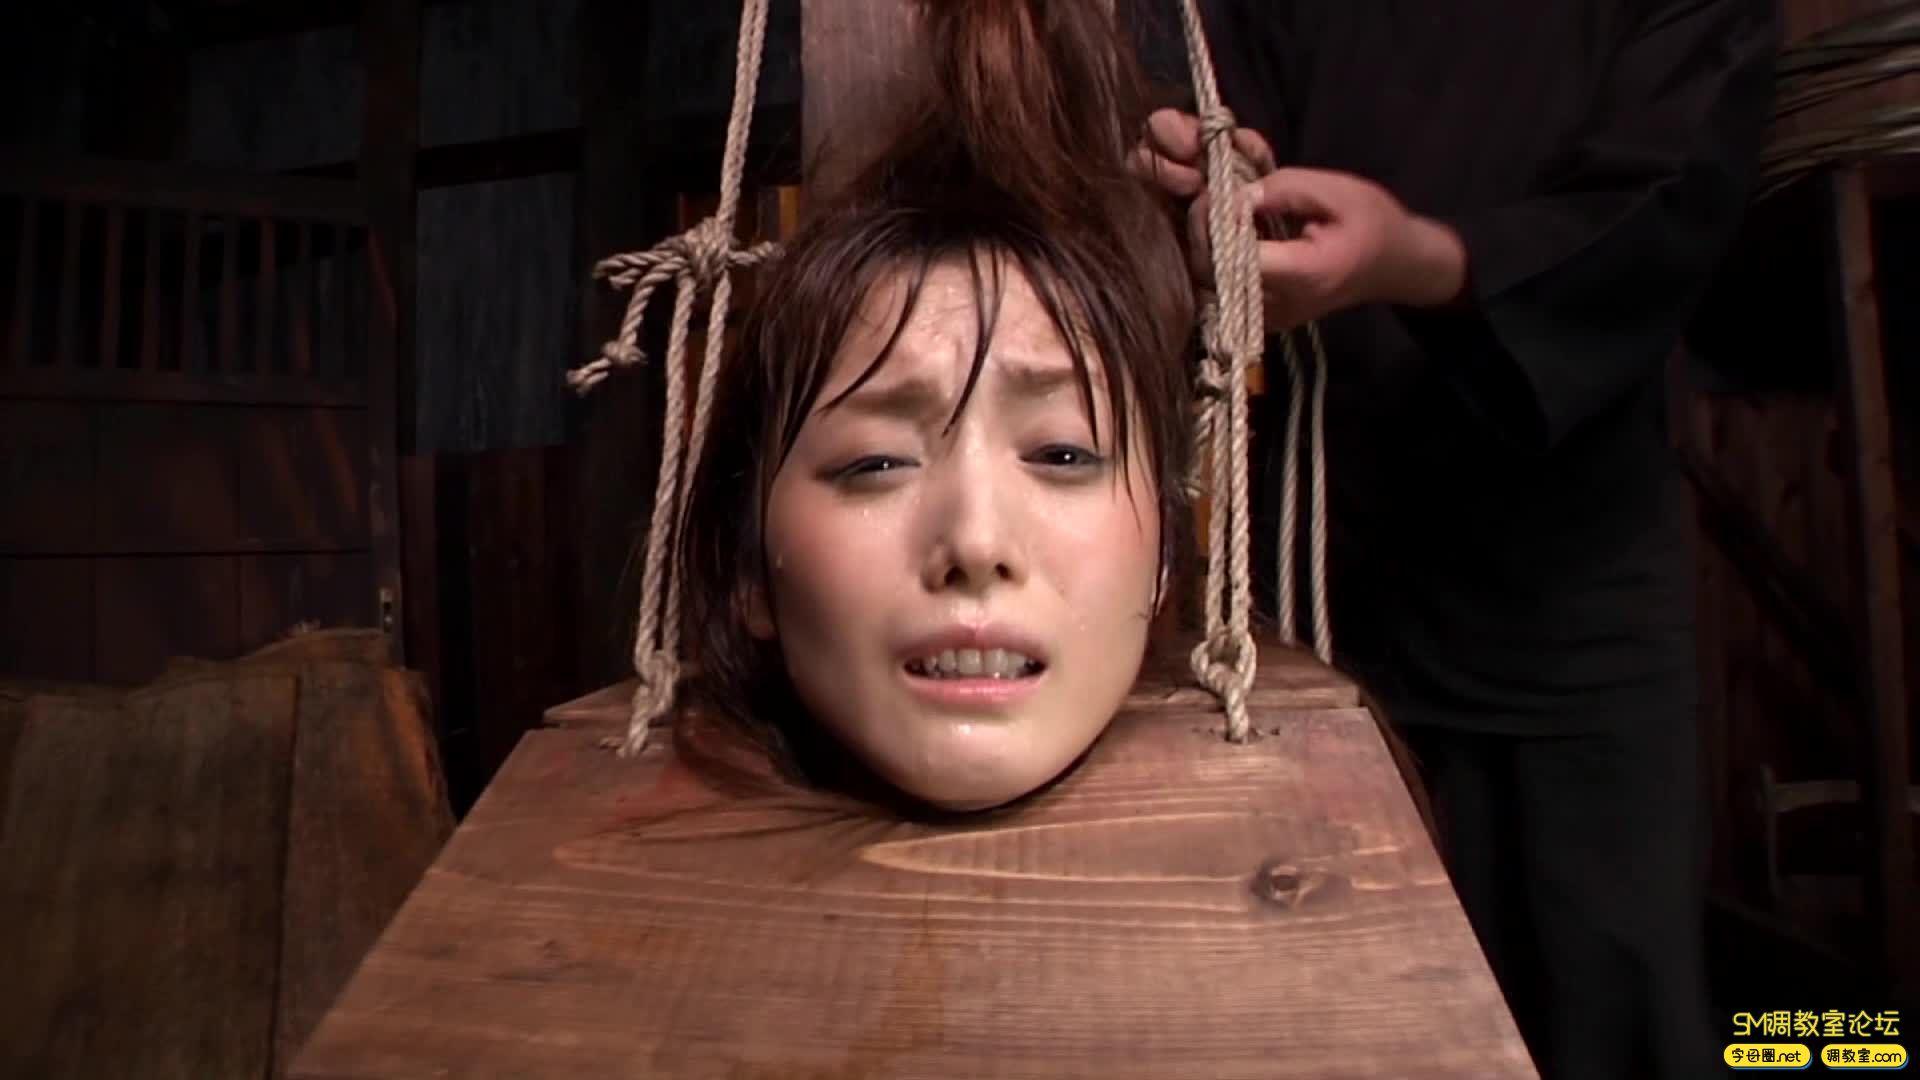 [Dogma合集] - GTJ-007 - 第一集 - 縄・女囚拷問 第二章 七咲楓花-视频截图8